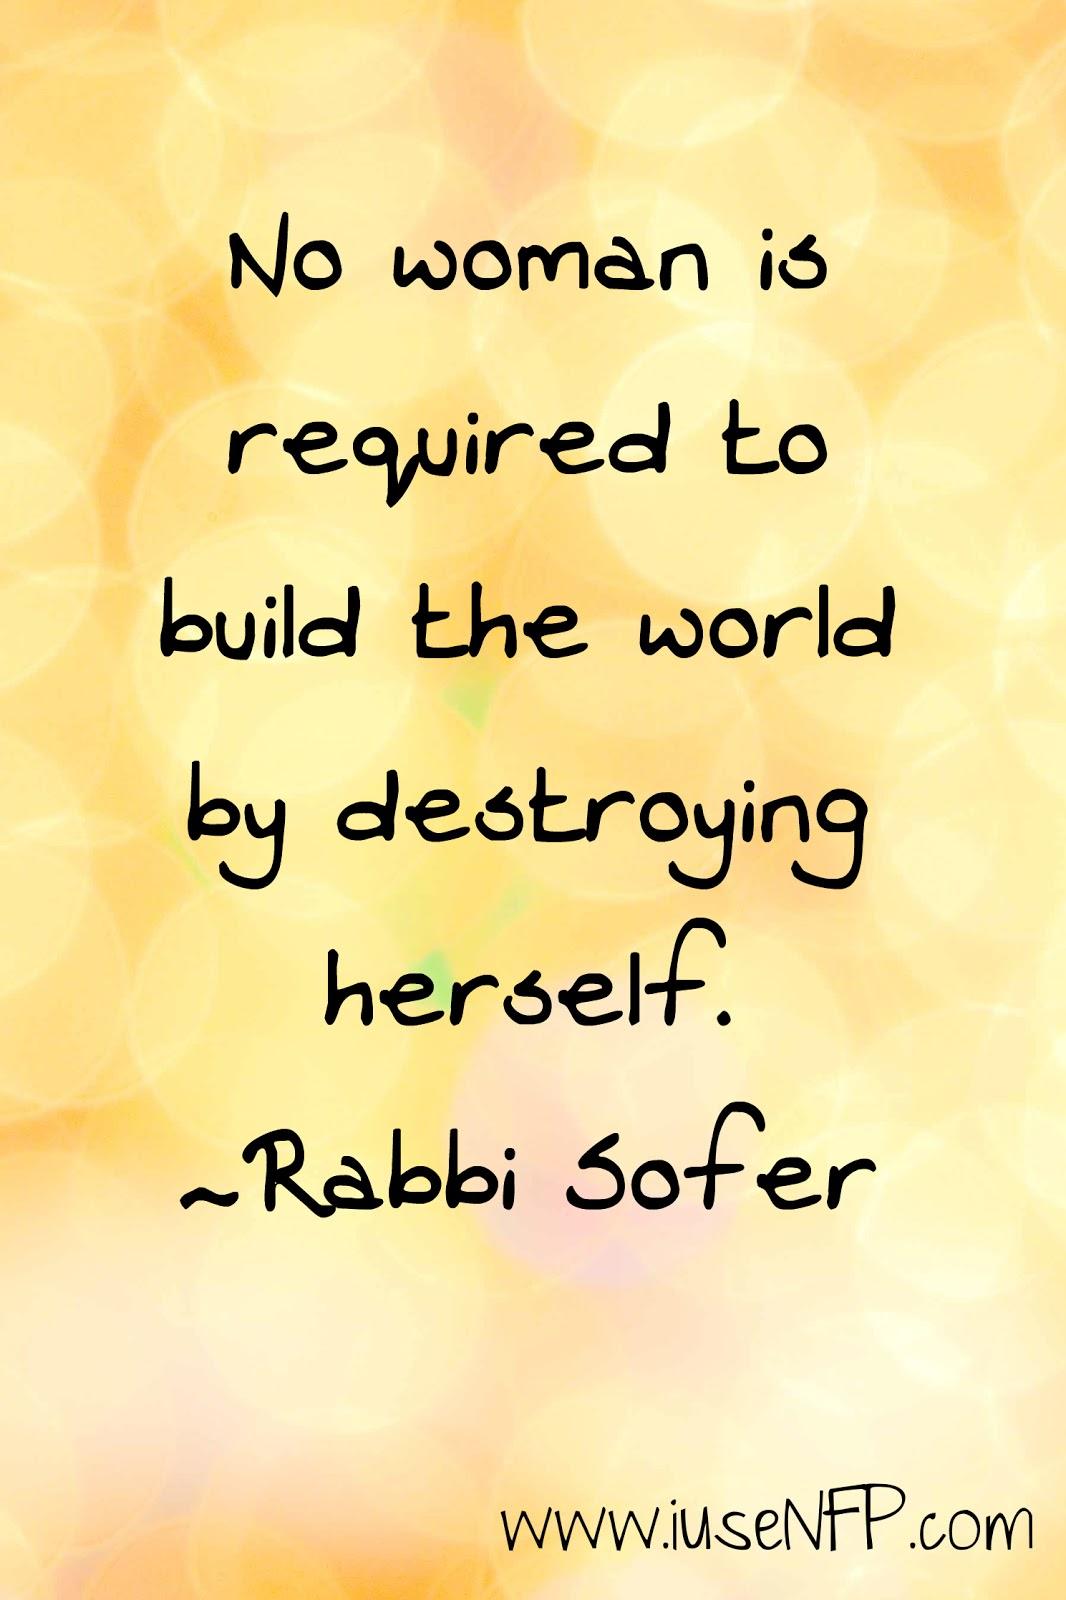 http://3.bp.blogspot.com/-k1FRjw6MfuQ/UHtuKgbx5DI/AAAAAAAABQU/Oq-0pYY7FiA/s1600/Rabbi%2BSofer.jpg